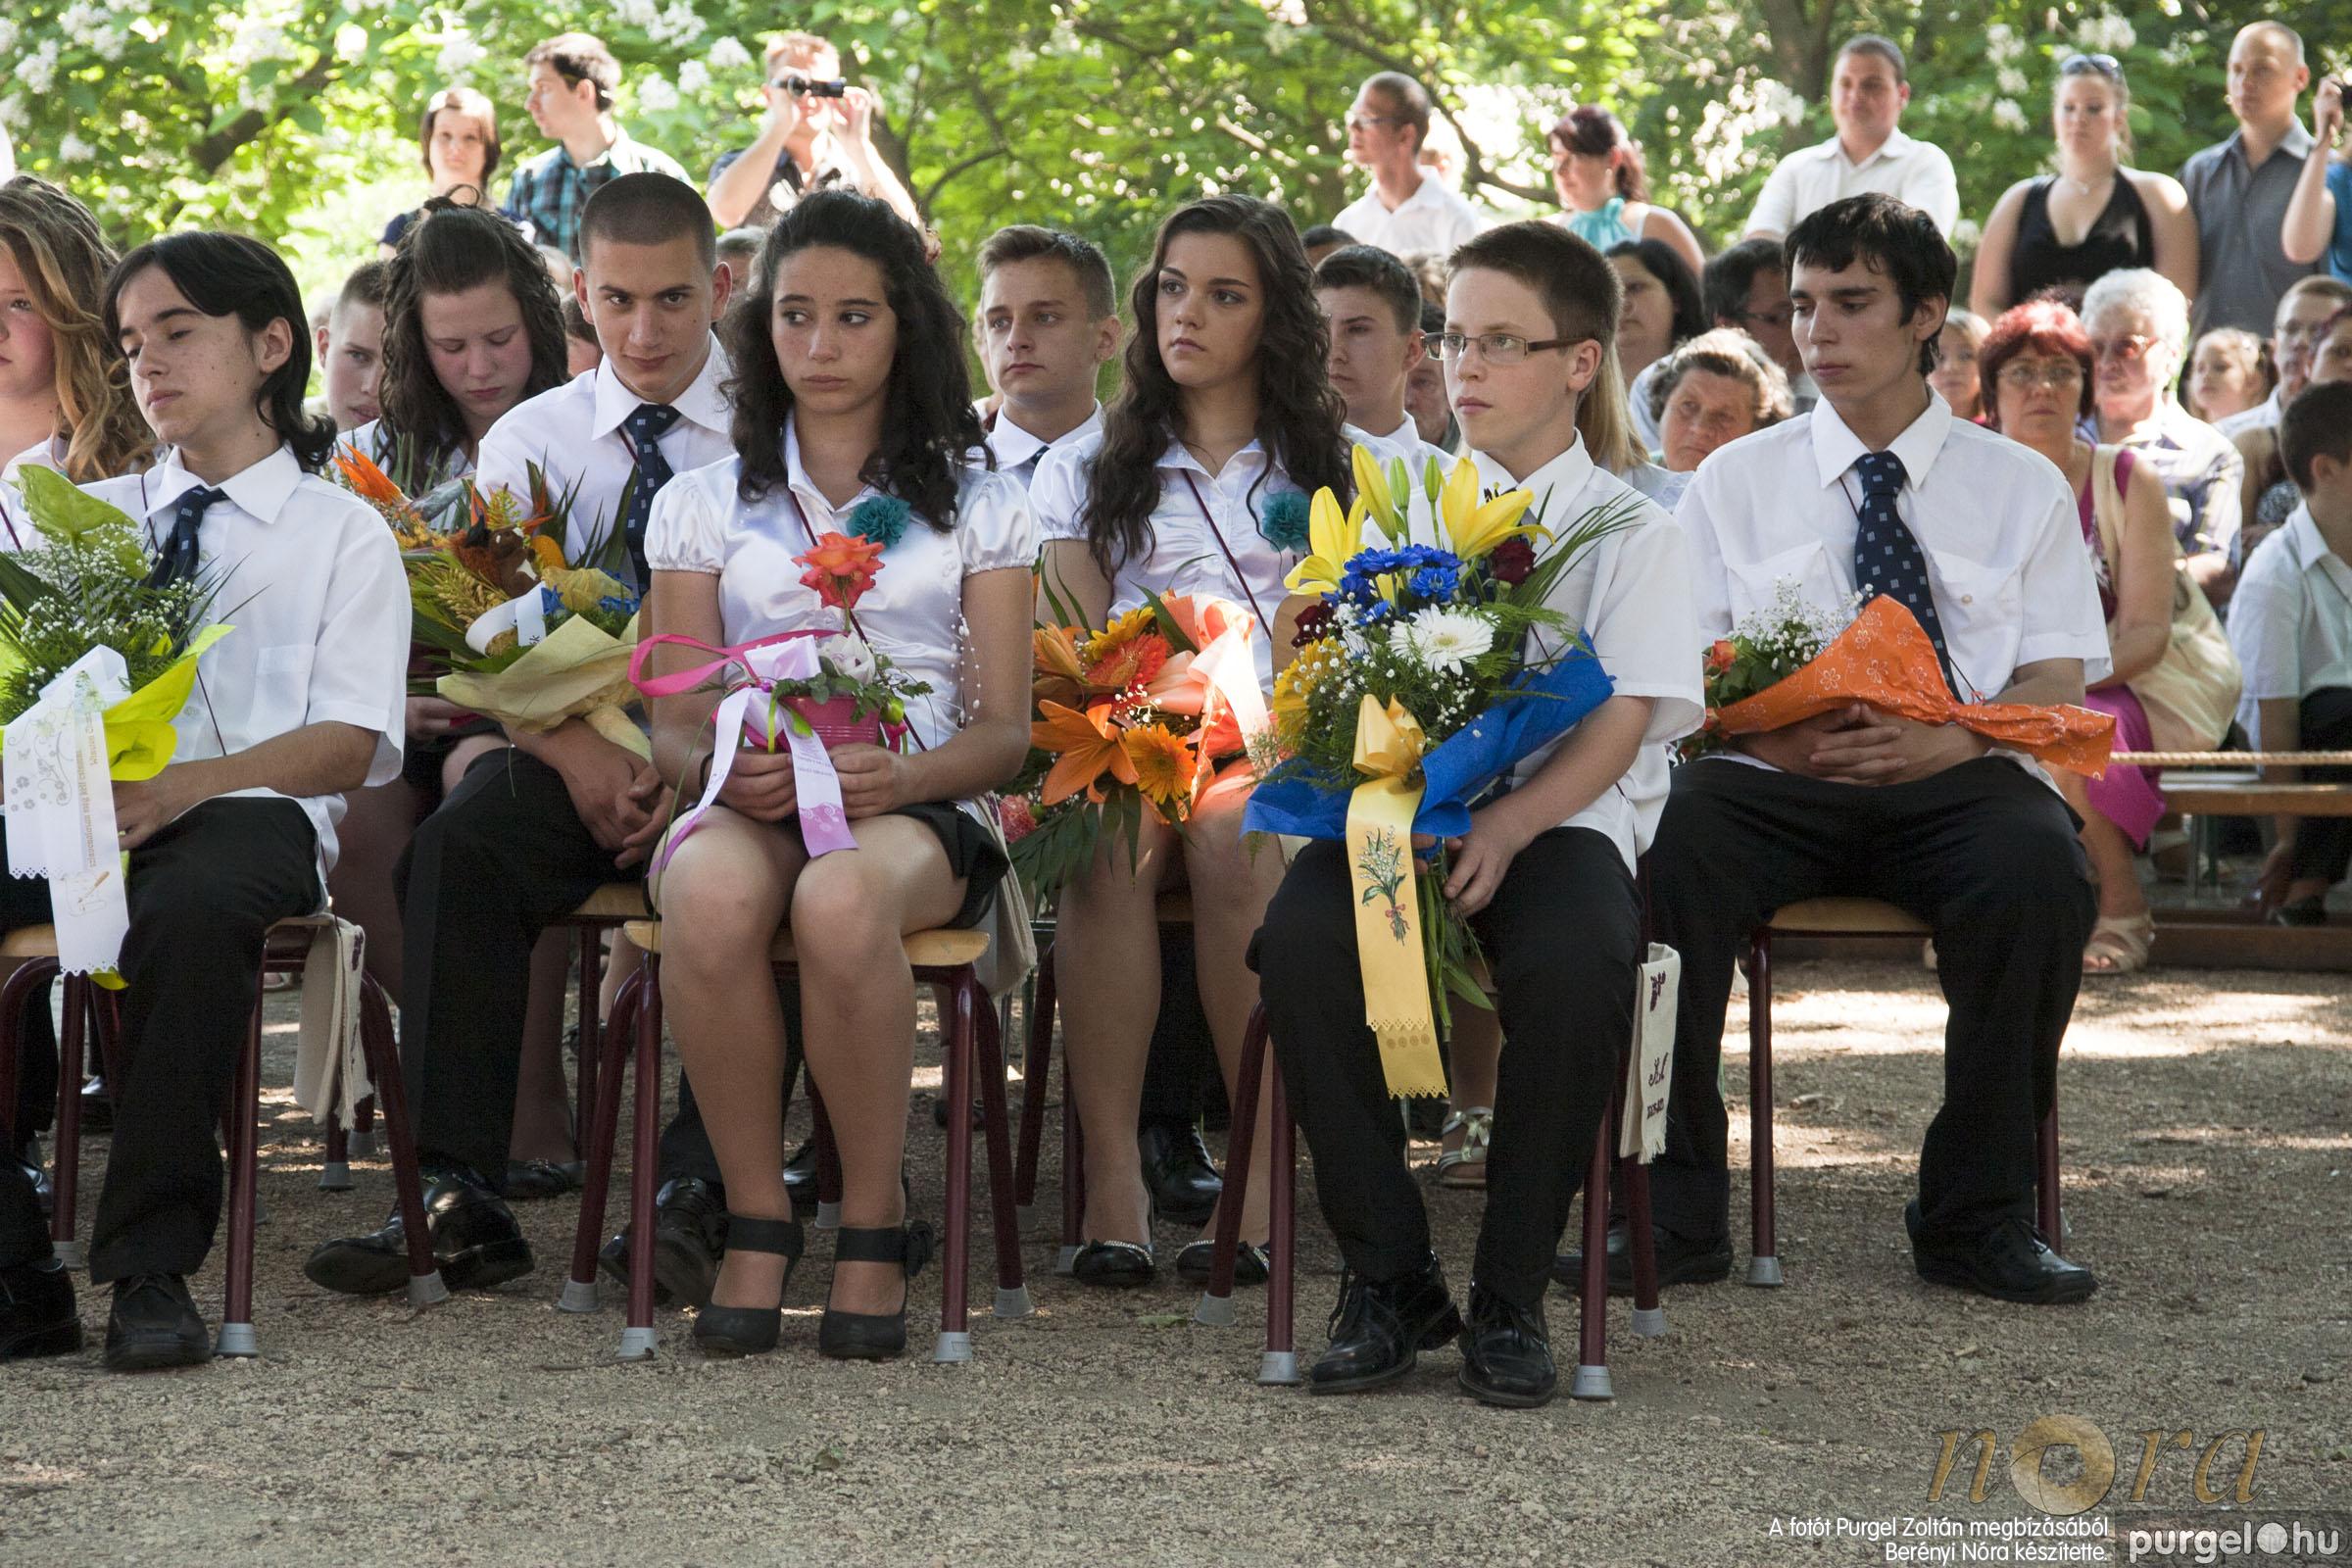 2013.06.15. 186 Forray Máté Általános Iskola ballagás 2013. - Fotó:BERÉNYI NÓRA© _MG_1202.JPG